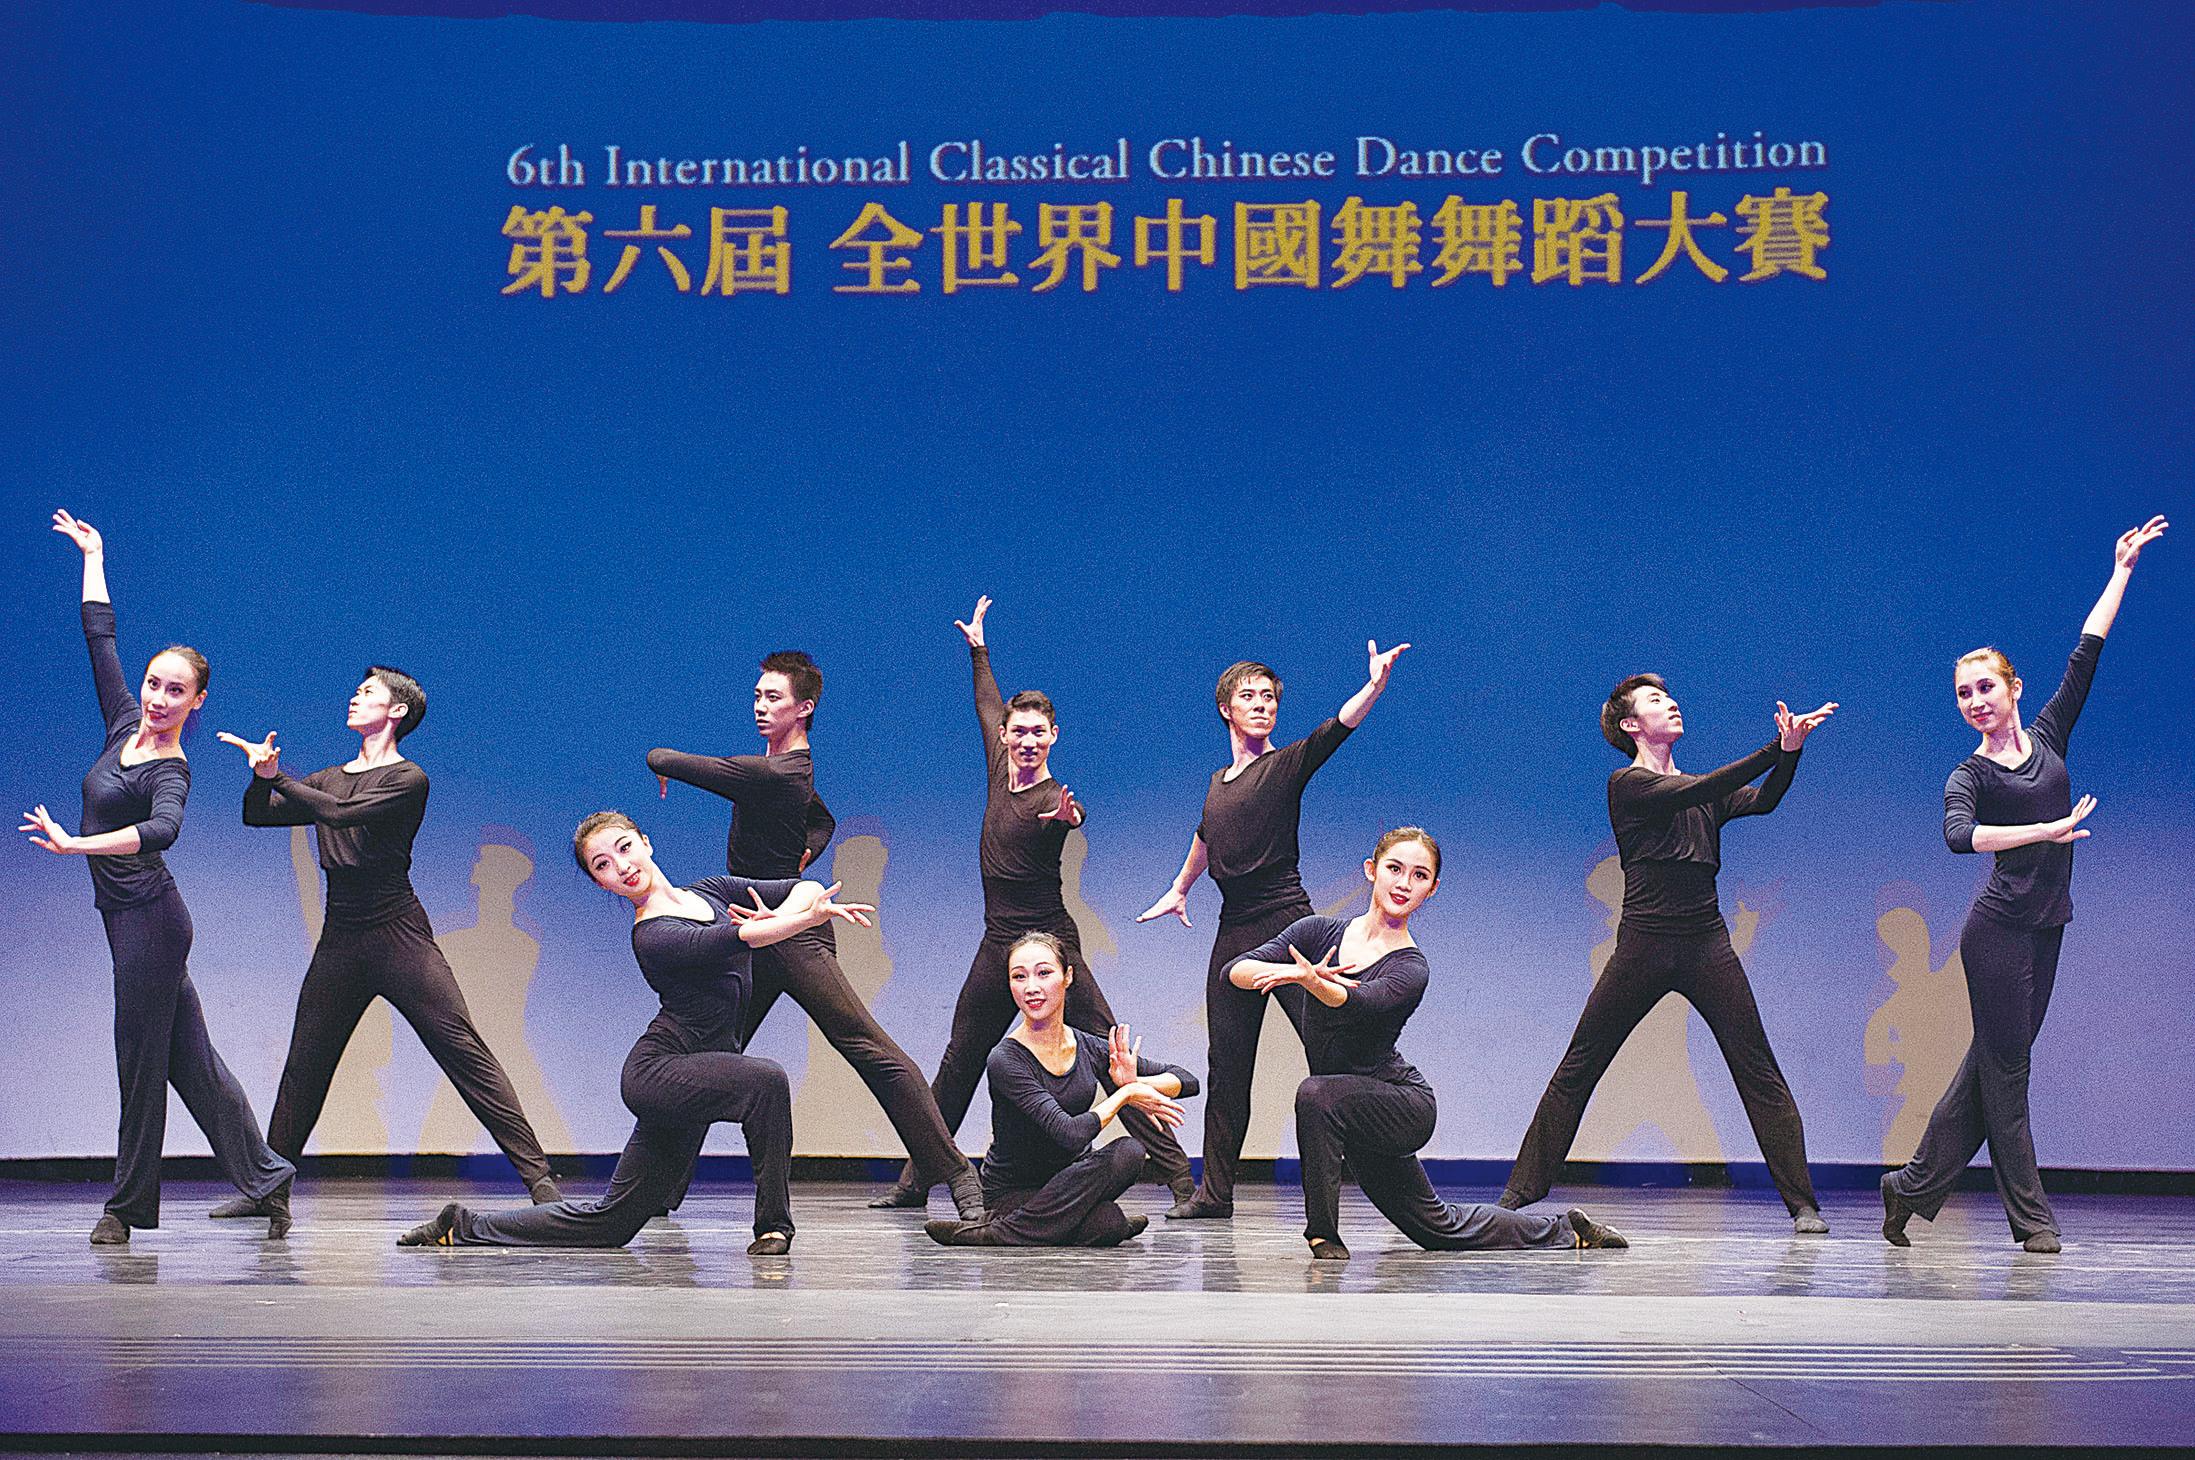 中國舞大賽在即 專家領你看門道